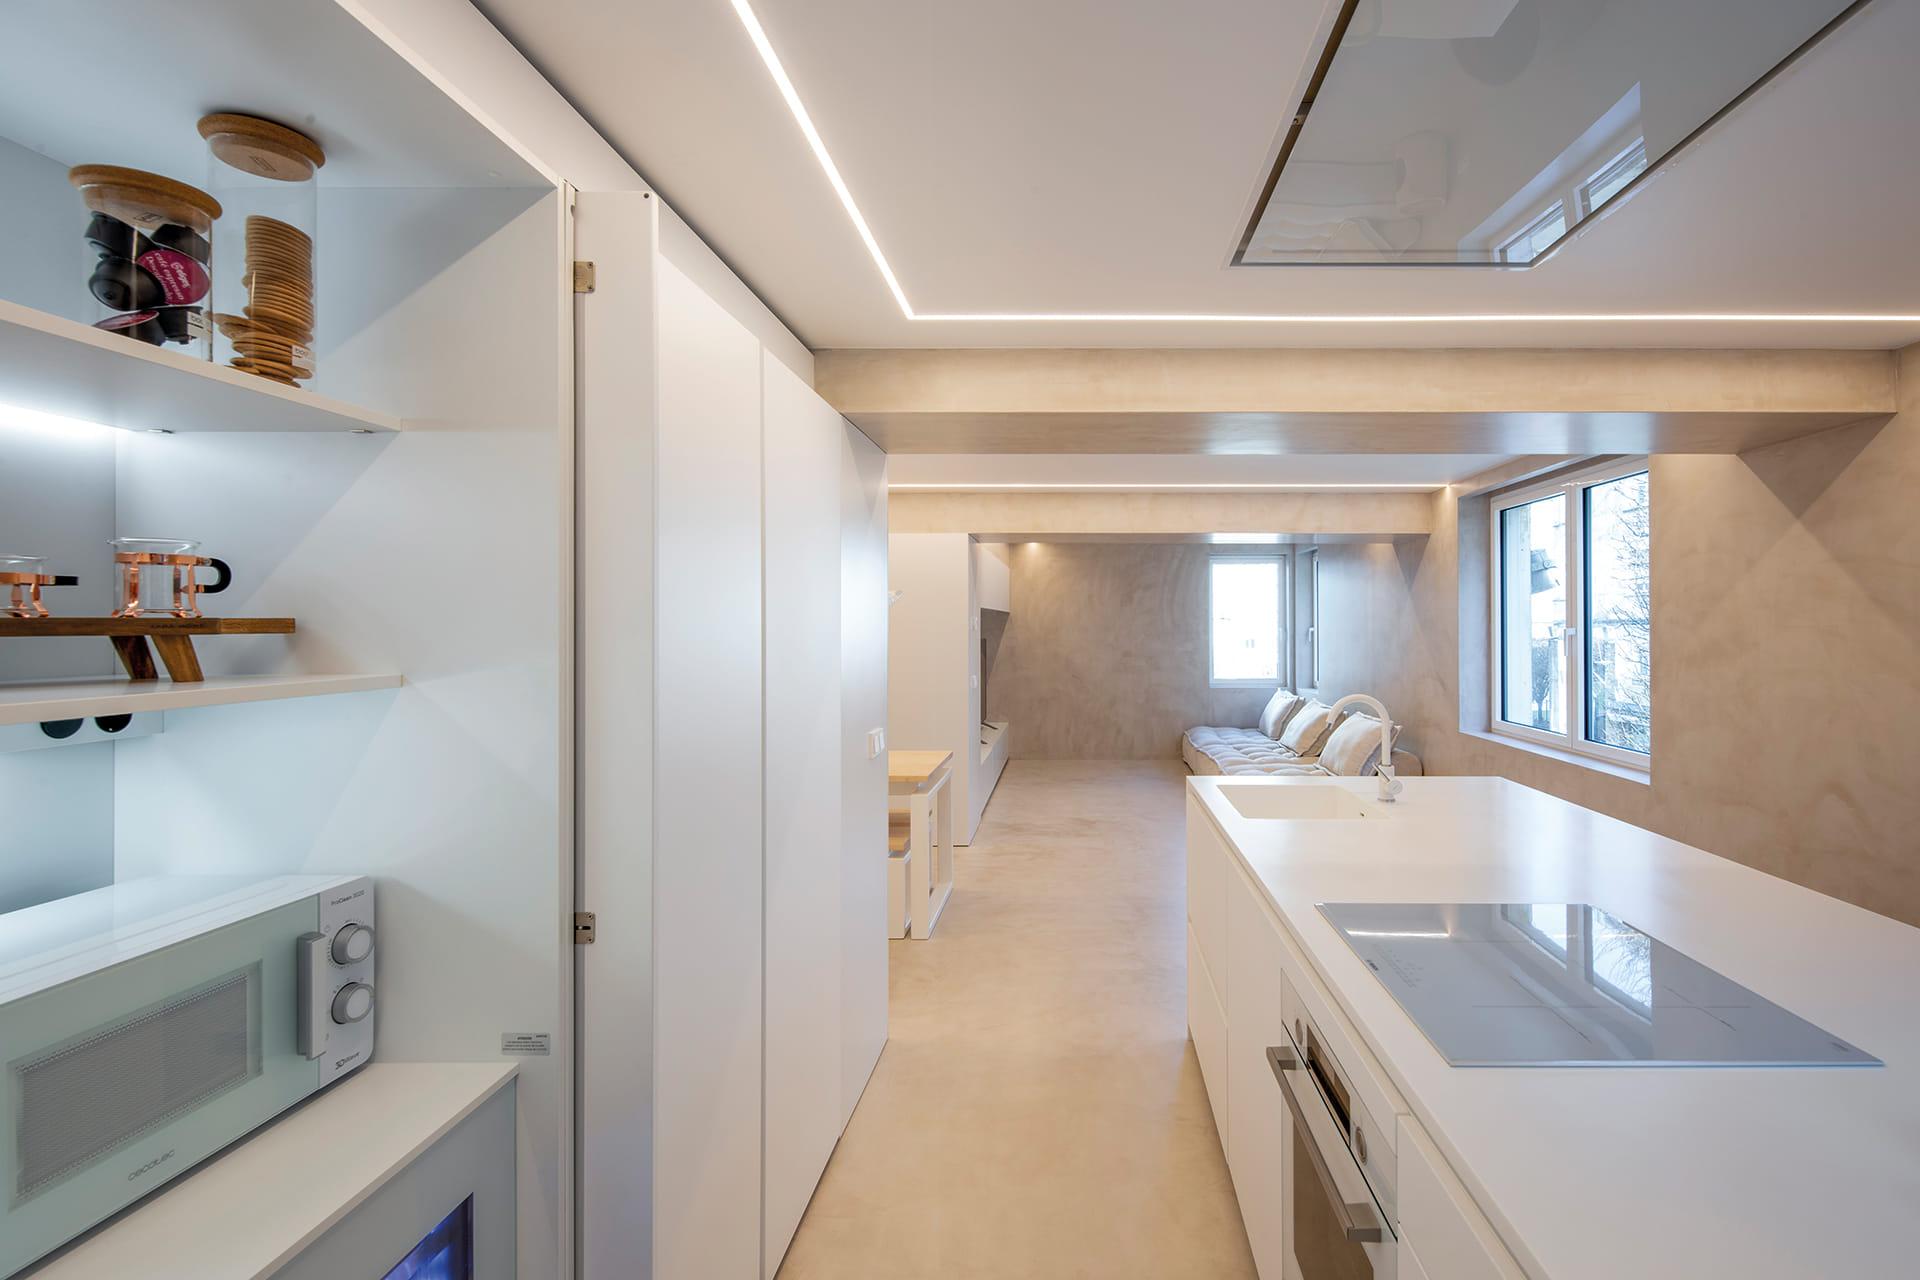 Cocina con estantes de iluminación LED en mueble escamoteable